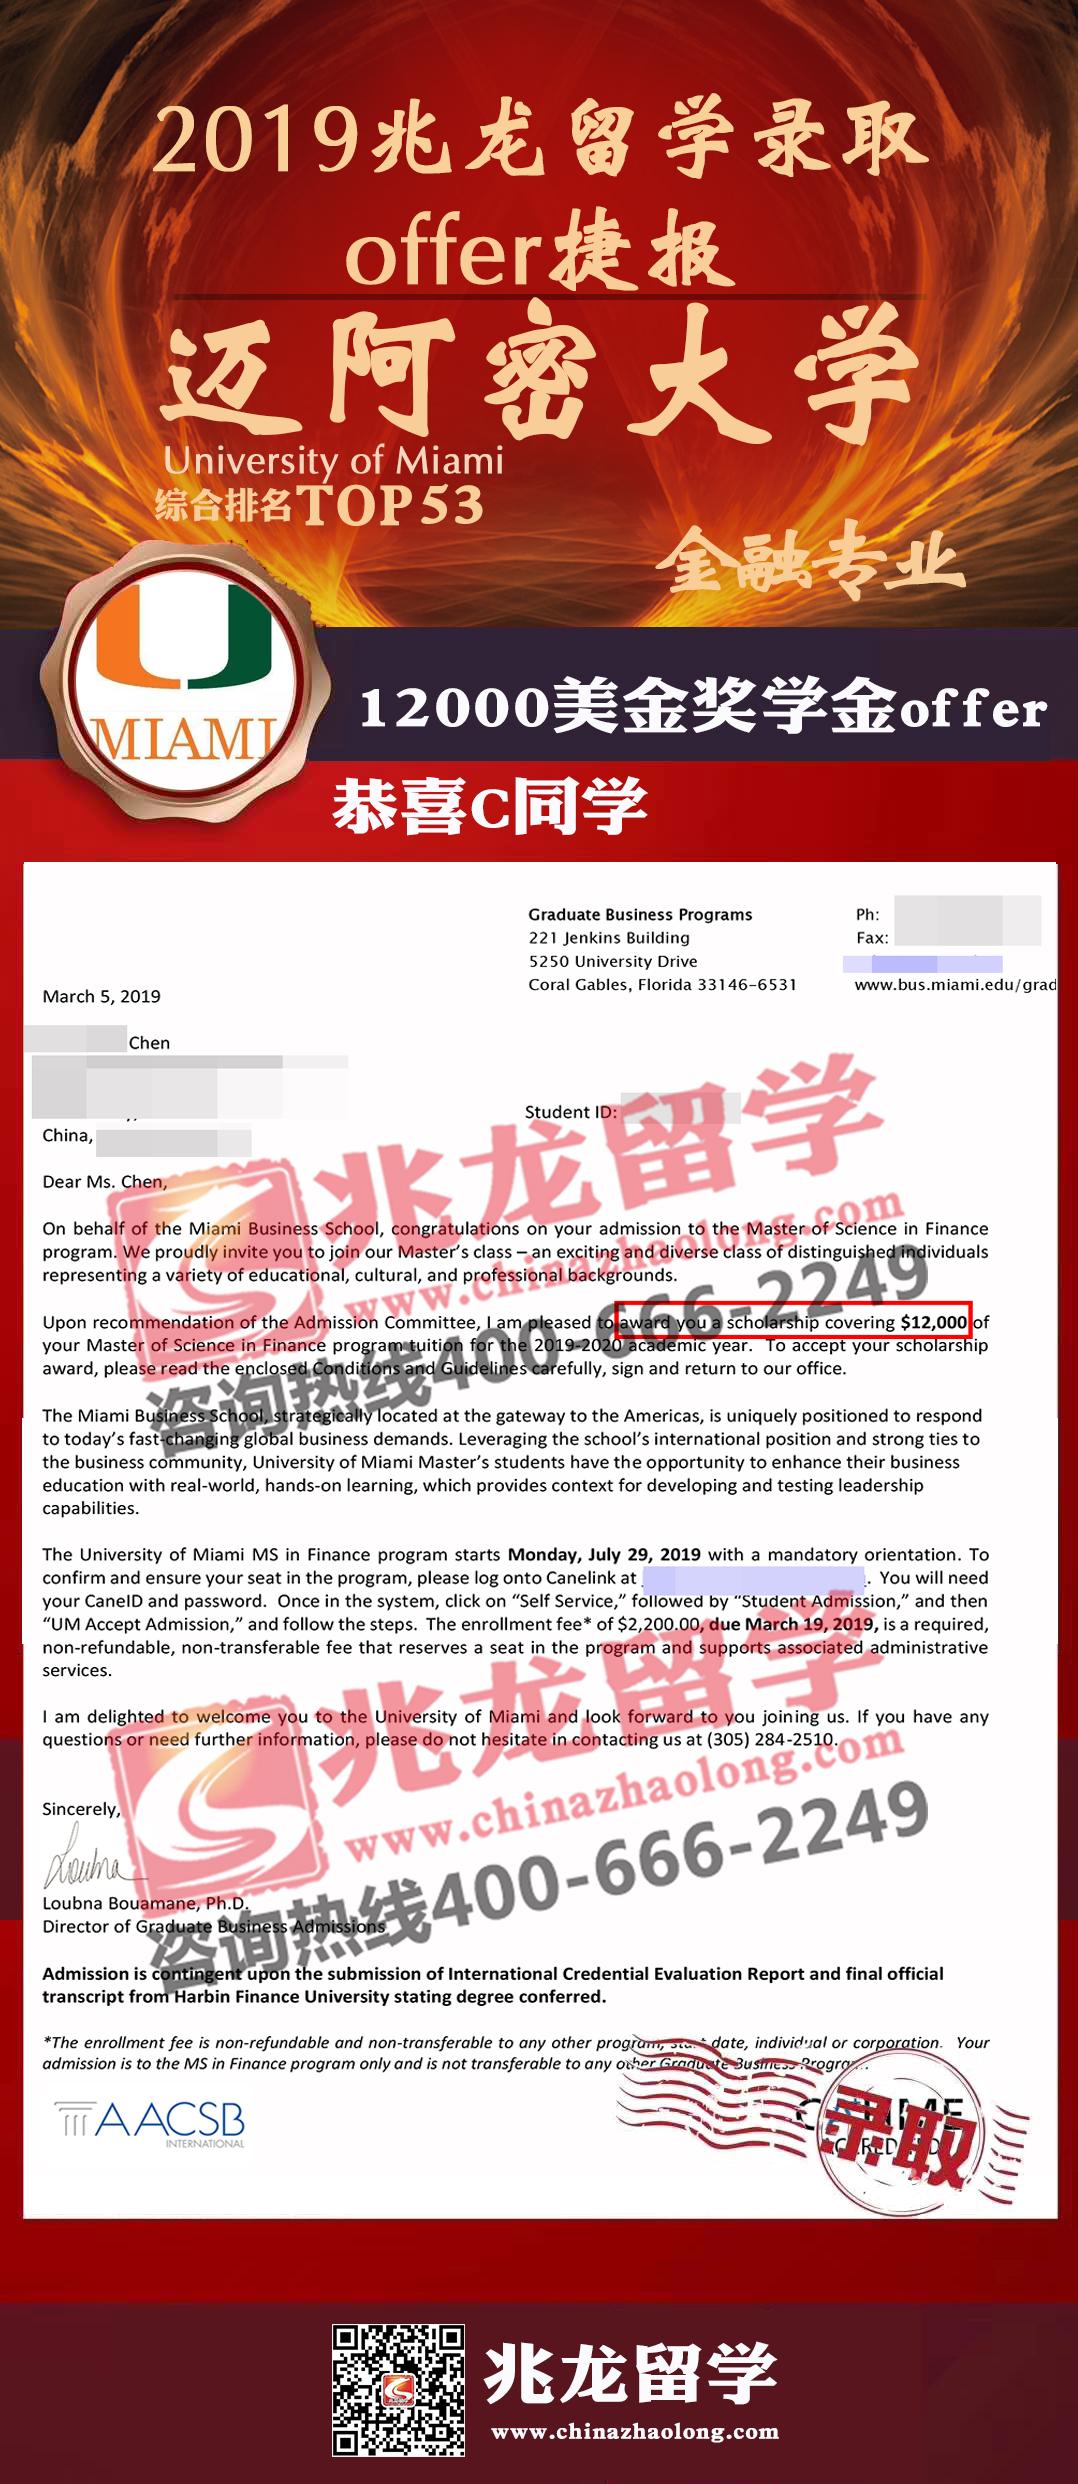 陈meiguang美国迈阿密大学金融专业硕士offer+12000美元奖学金-北京兆龙留学.jpg